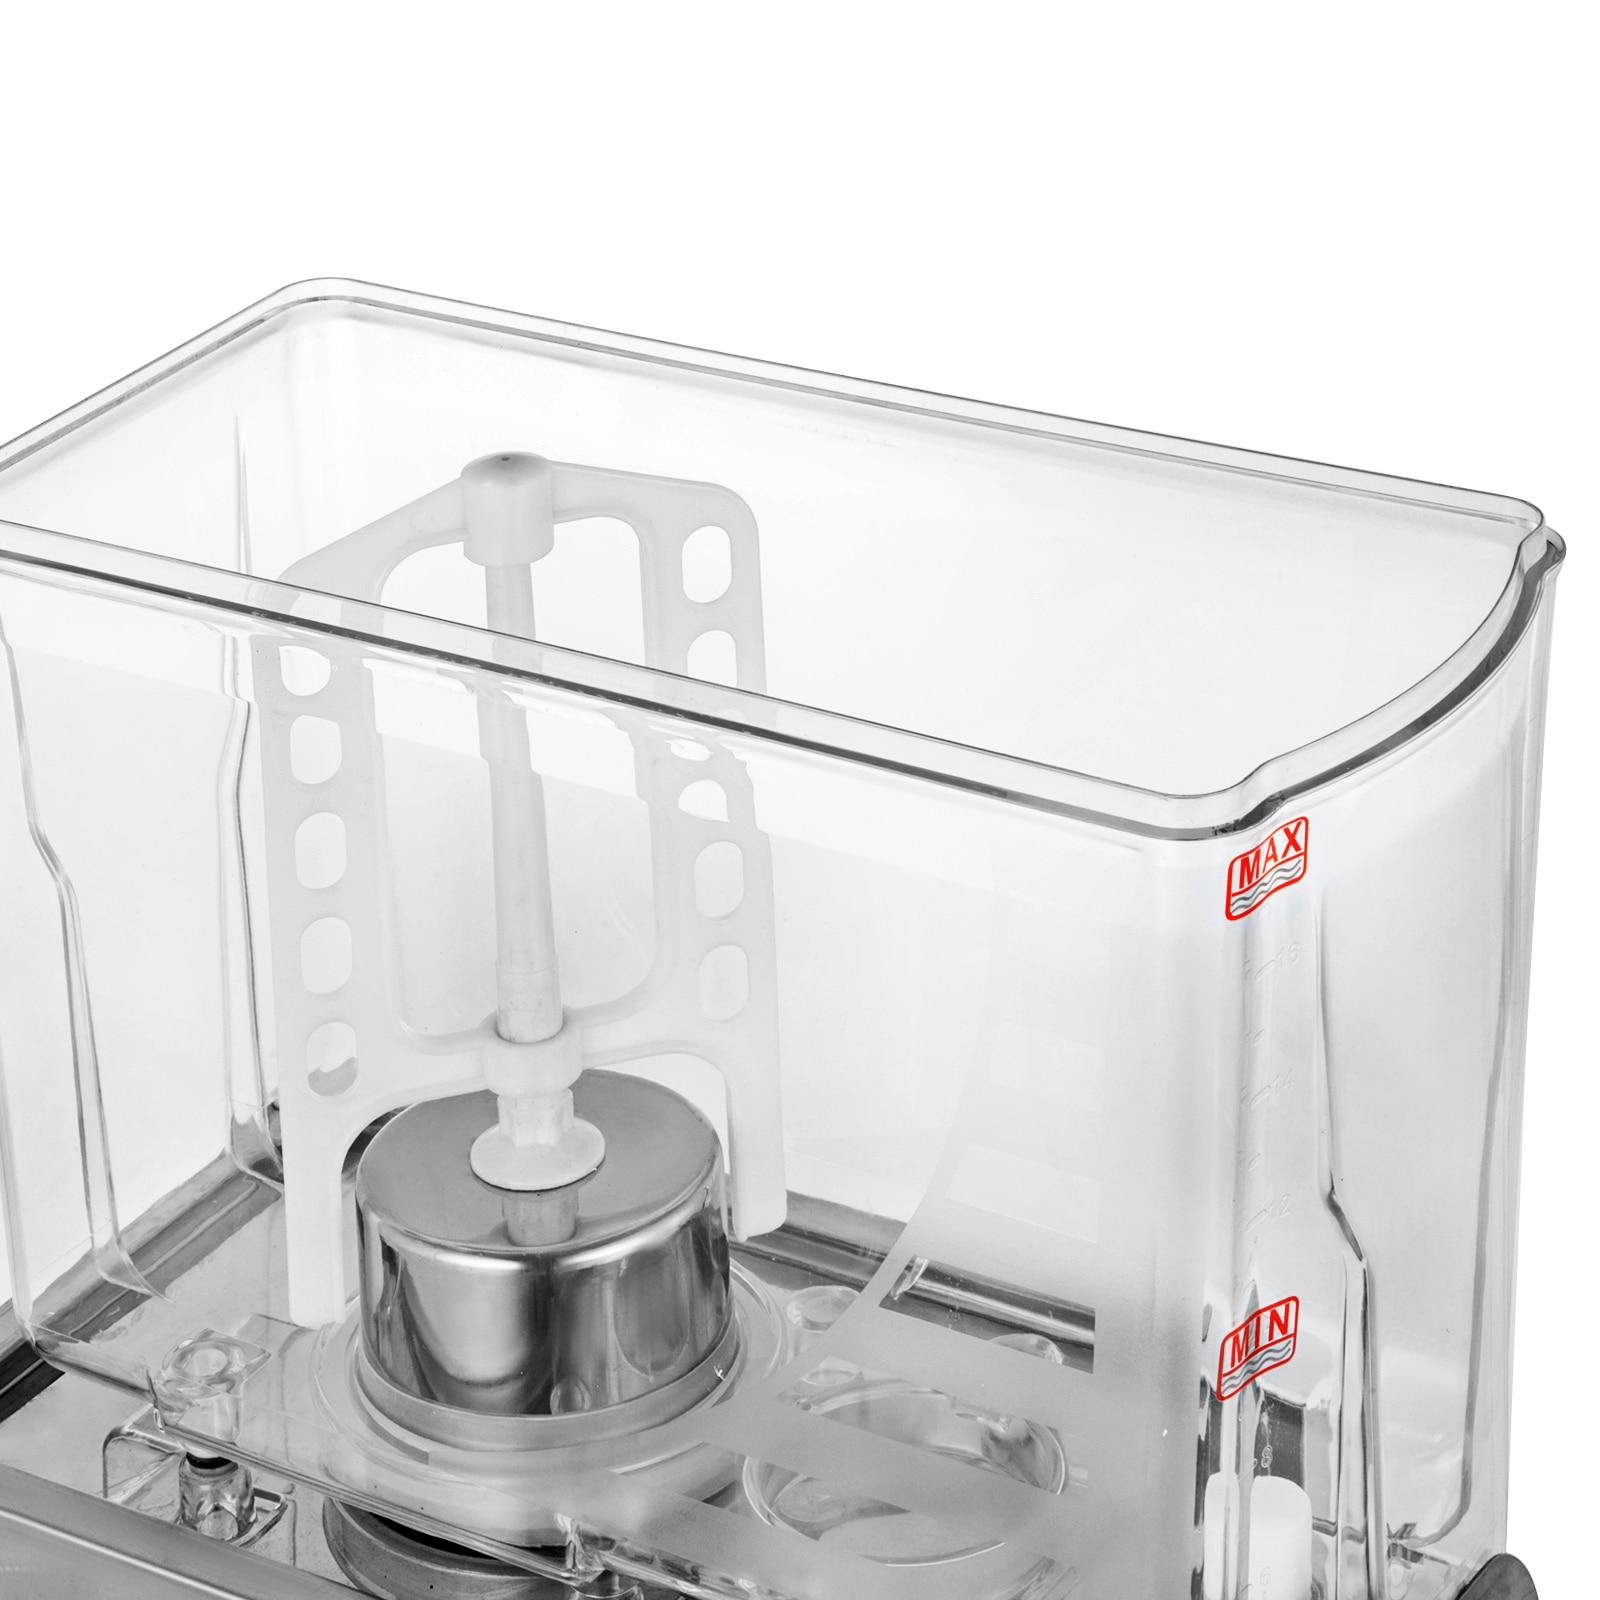 18L 4.75Gal Commercial Hot Cold Drink Juice Dispenser Beverage Milk Juicer Larger Particles  Stainless Steel